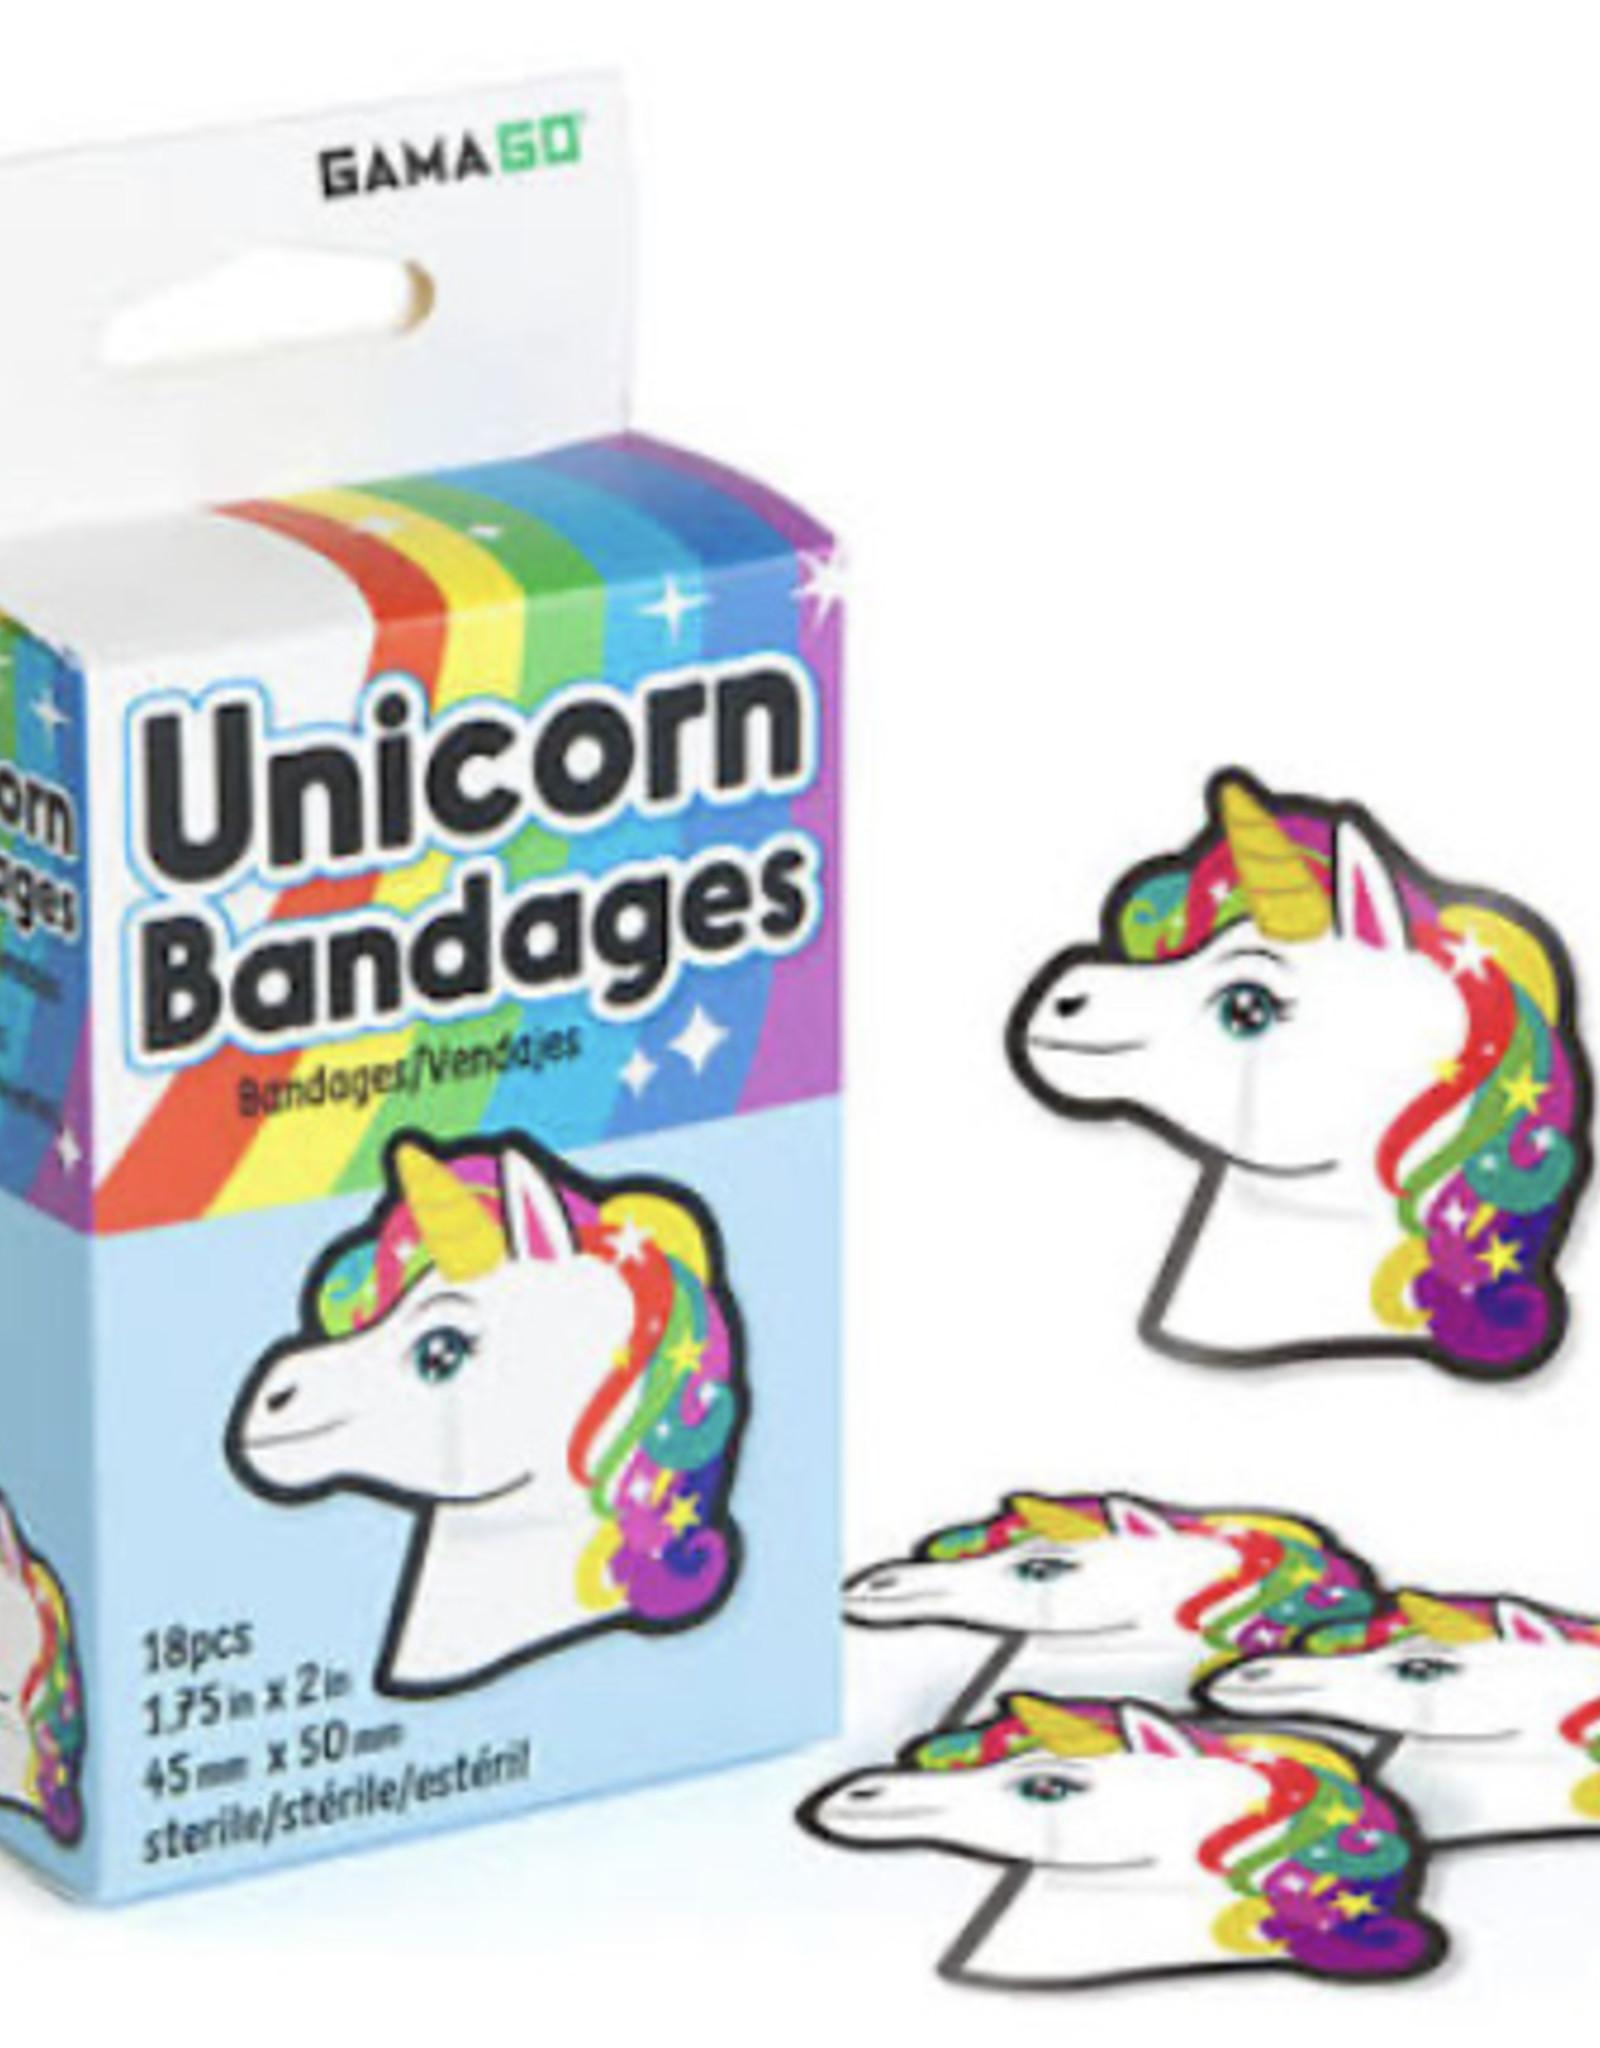 GAMA GO - Unicorn Bandages